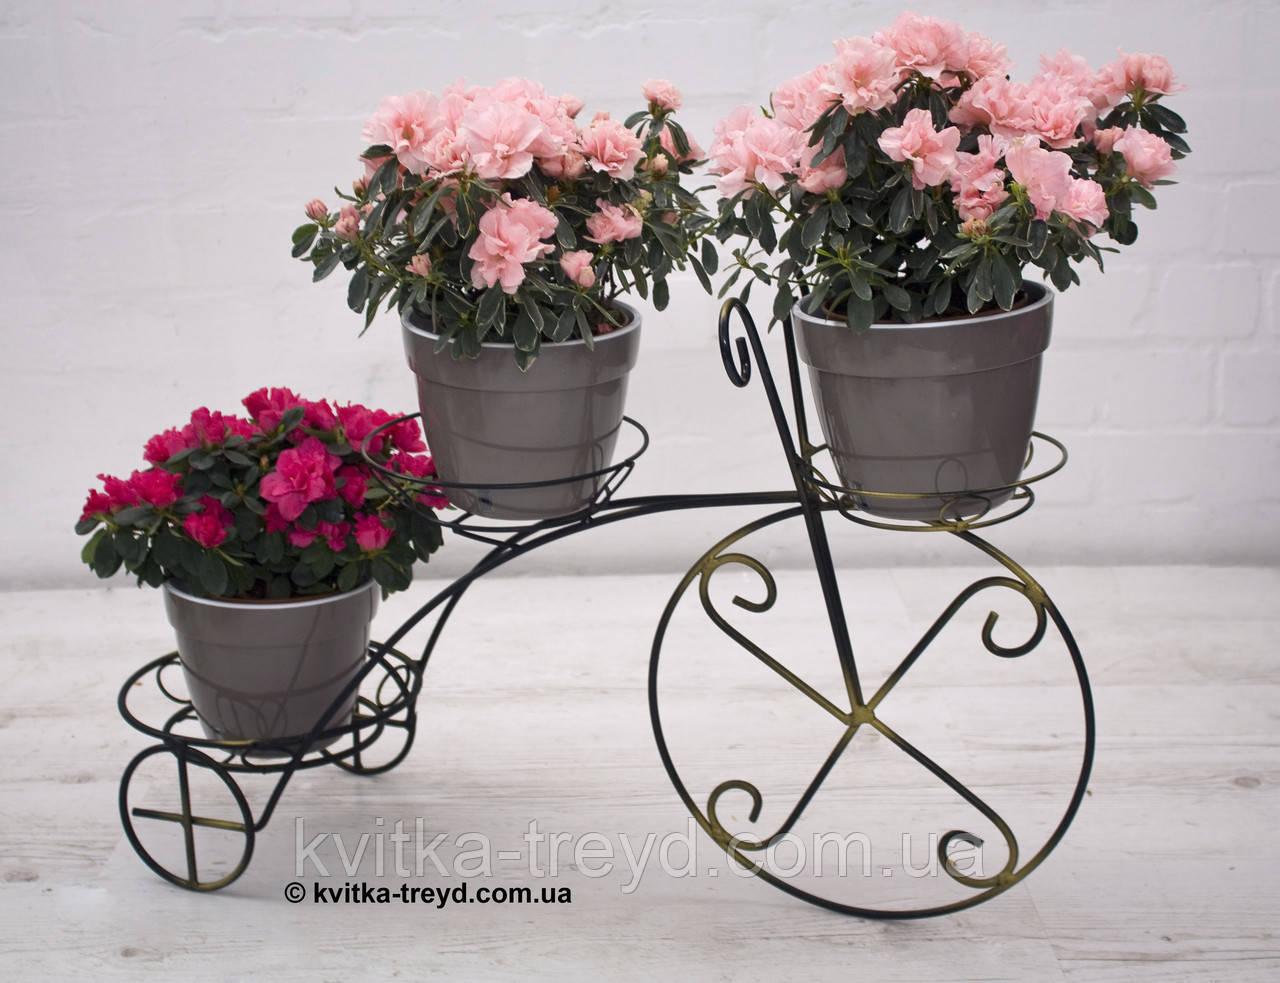 Кованая подставка для цветов Велосипед 3